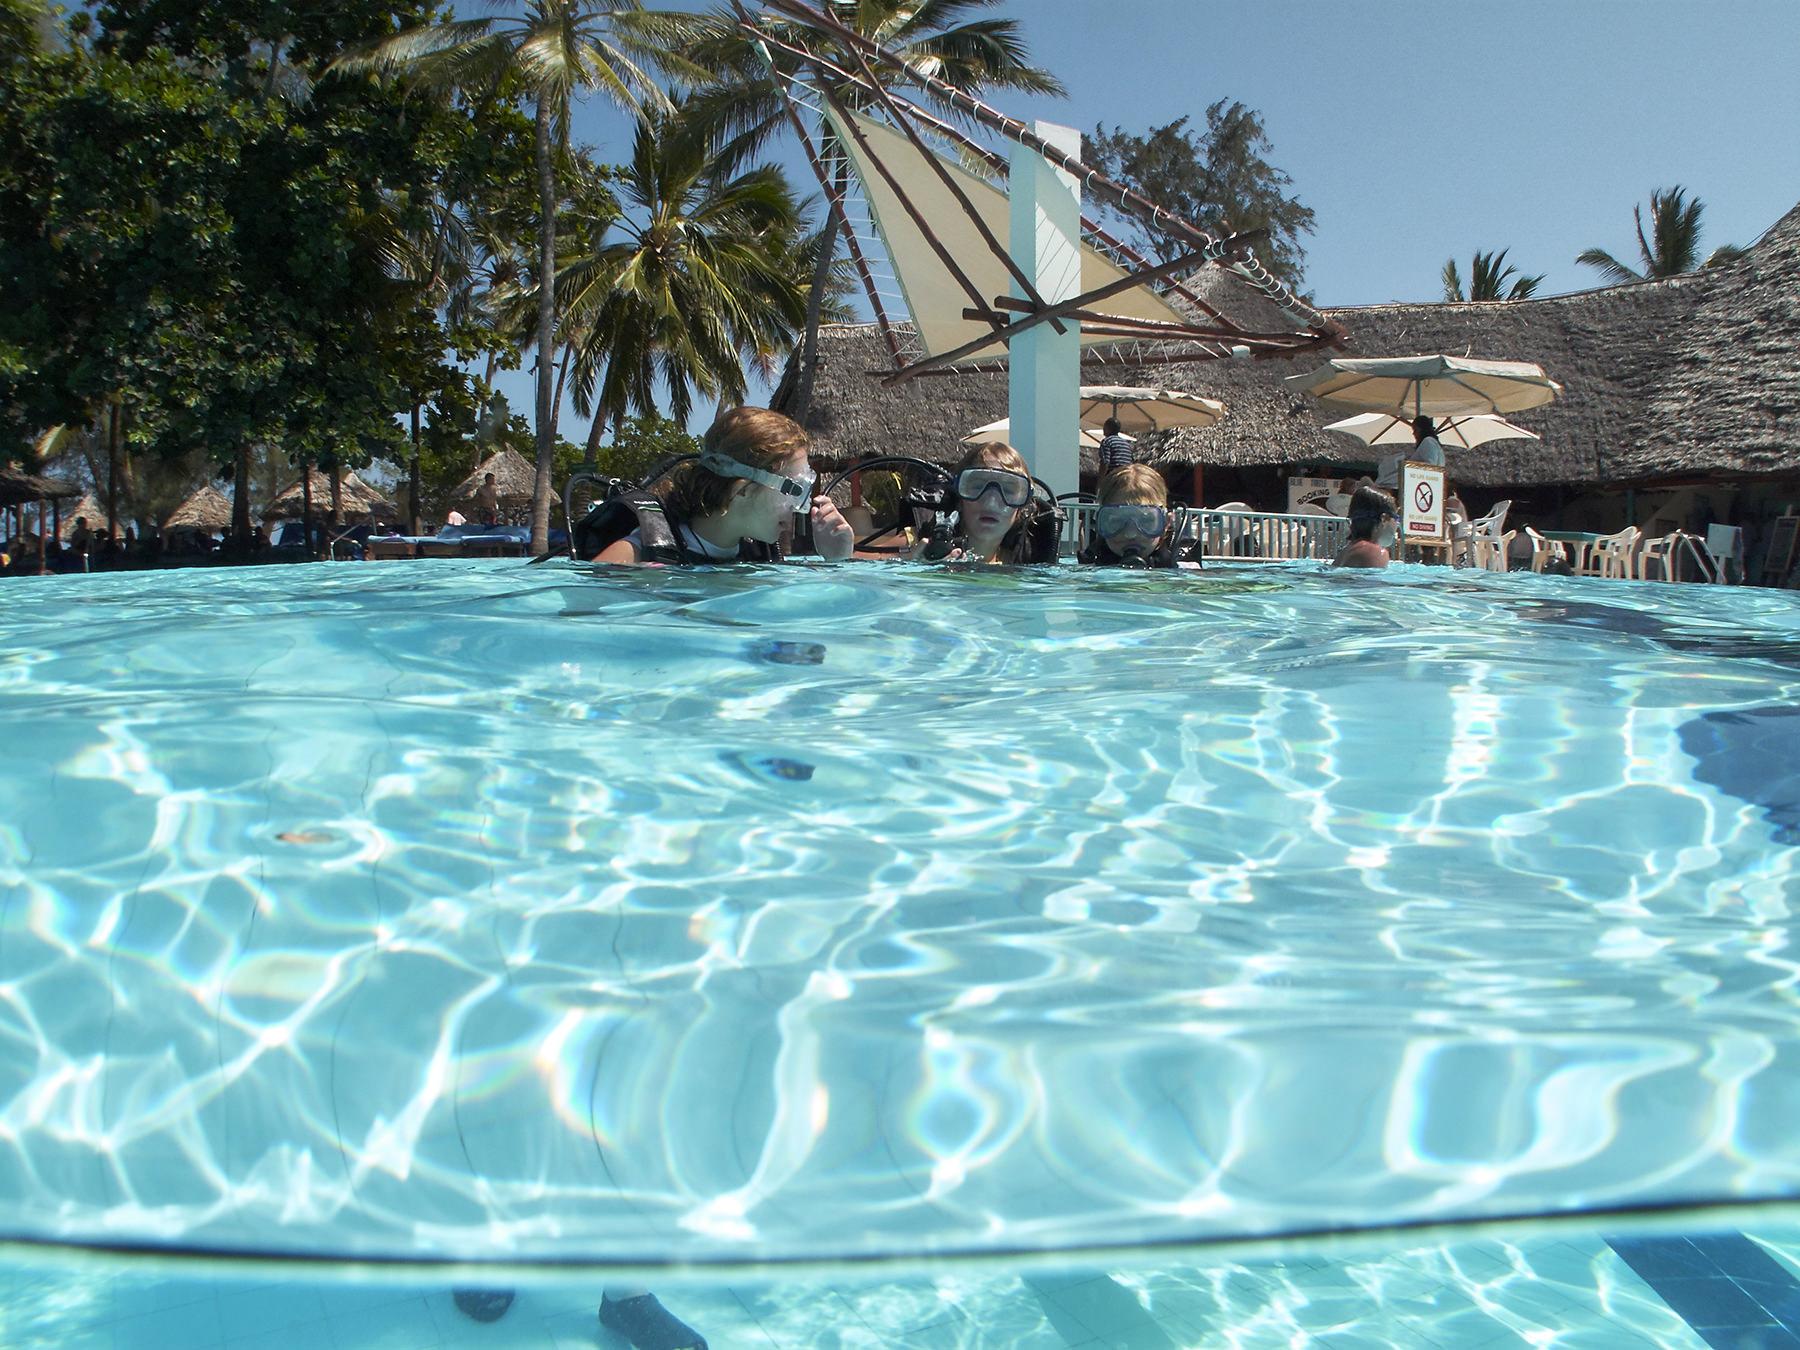 Anfänger können entspannt im Hotel Pool ihre ersten Atemzüge üben